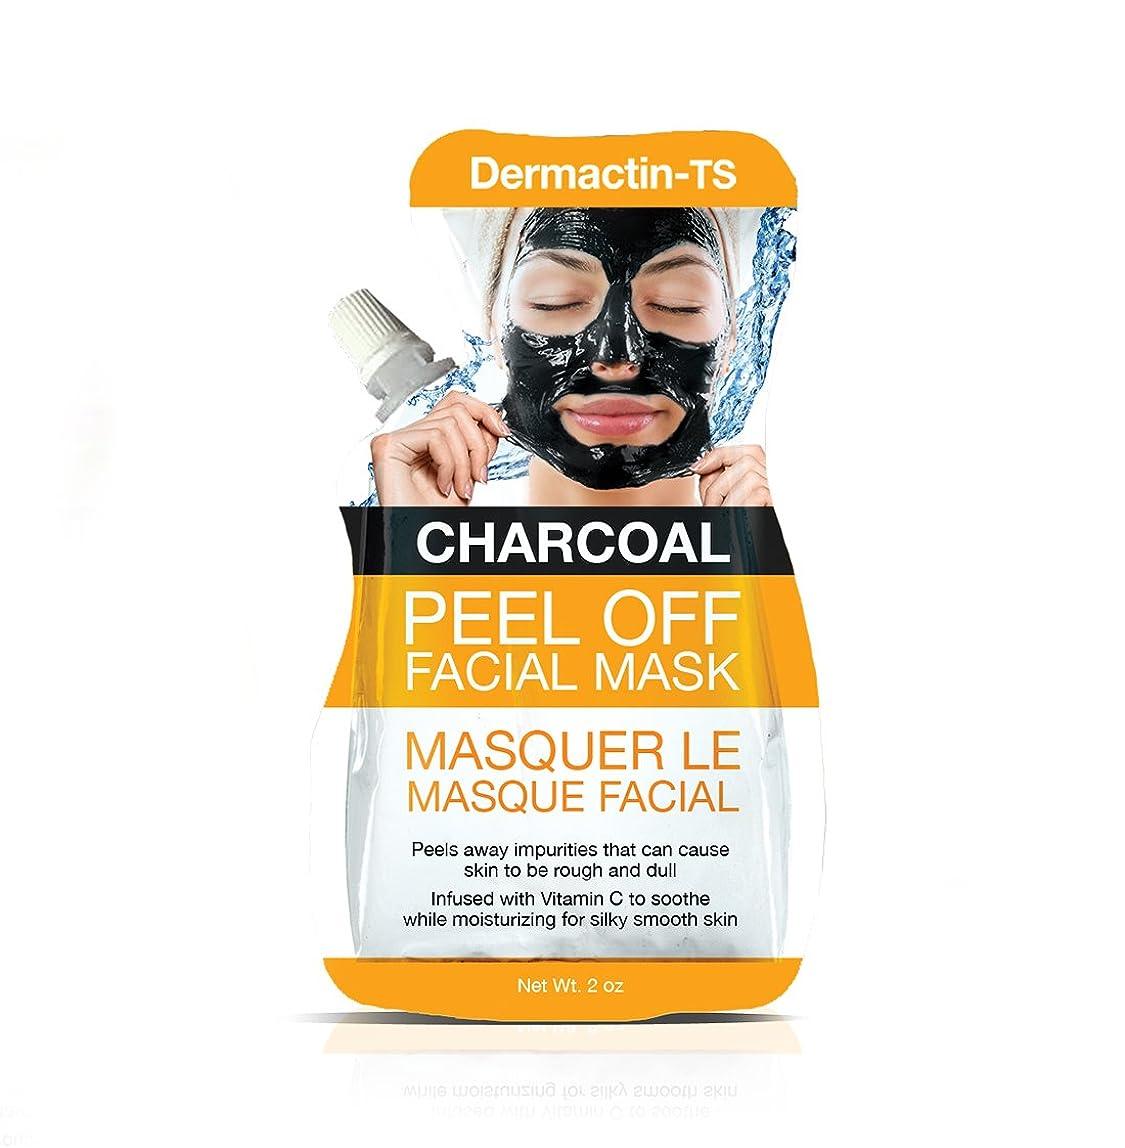 たまに湿地学部長Dermactin-TS フェイシャル?マスク?チャコール50g(パック2個) (並行輸入品)